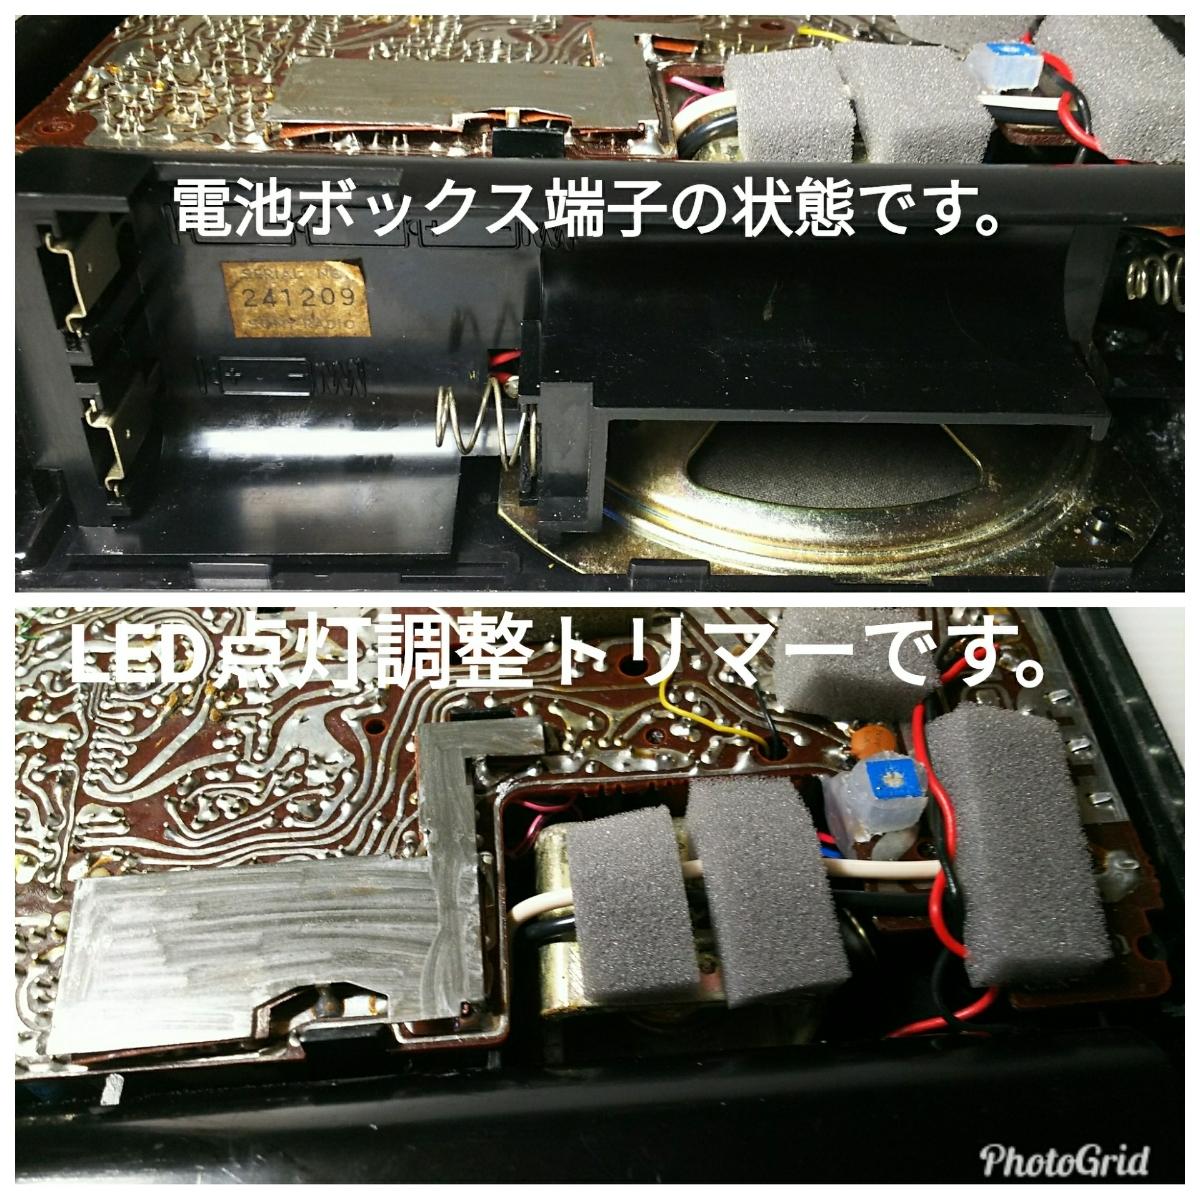 A☆美品☆整備 調整済みSONYスカイセンサーICF5800 5バンドレシーバーワイドFM対応76~93Mhz ツィーター搭載2WAYスピーカー _画像8